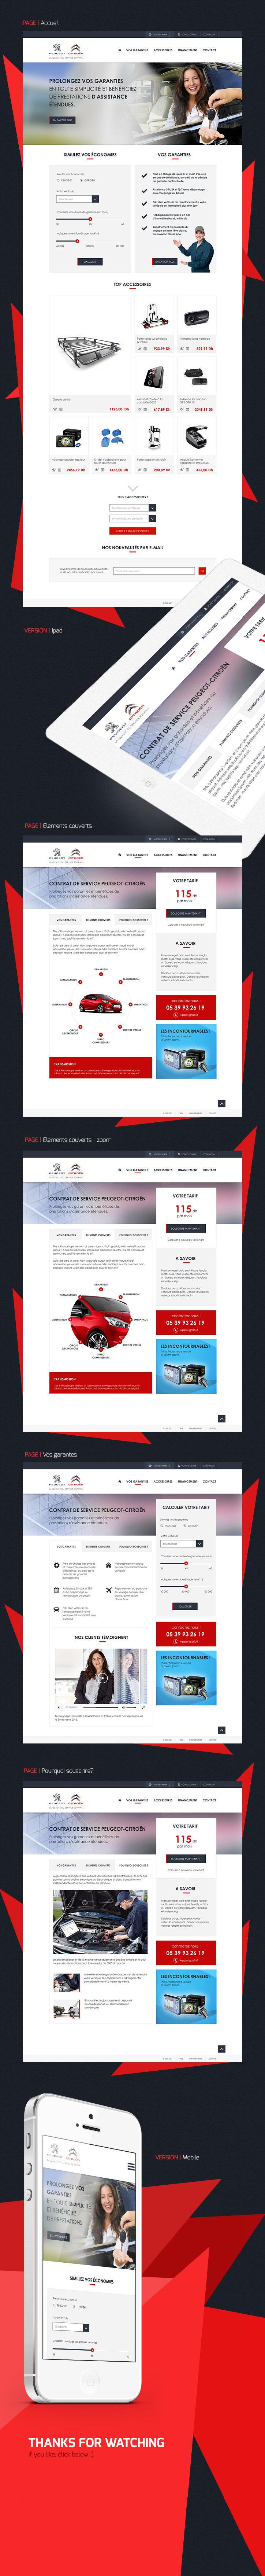 SOPRIAM | Peugeot & Citroën